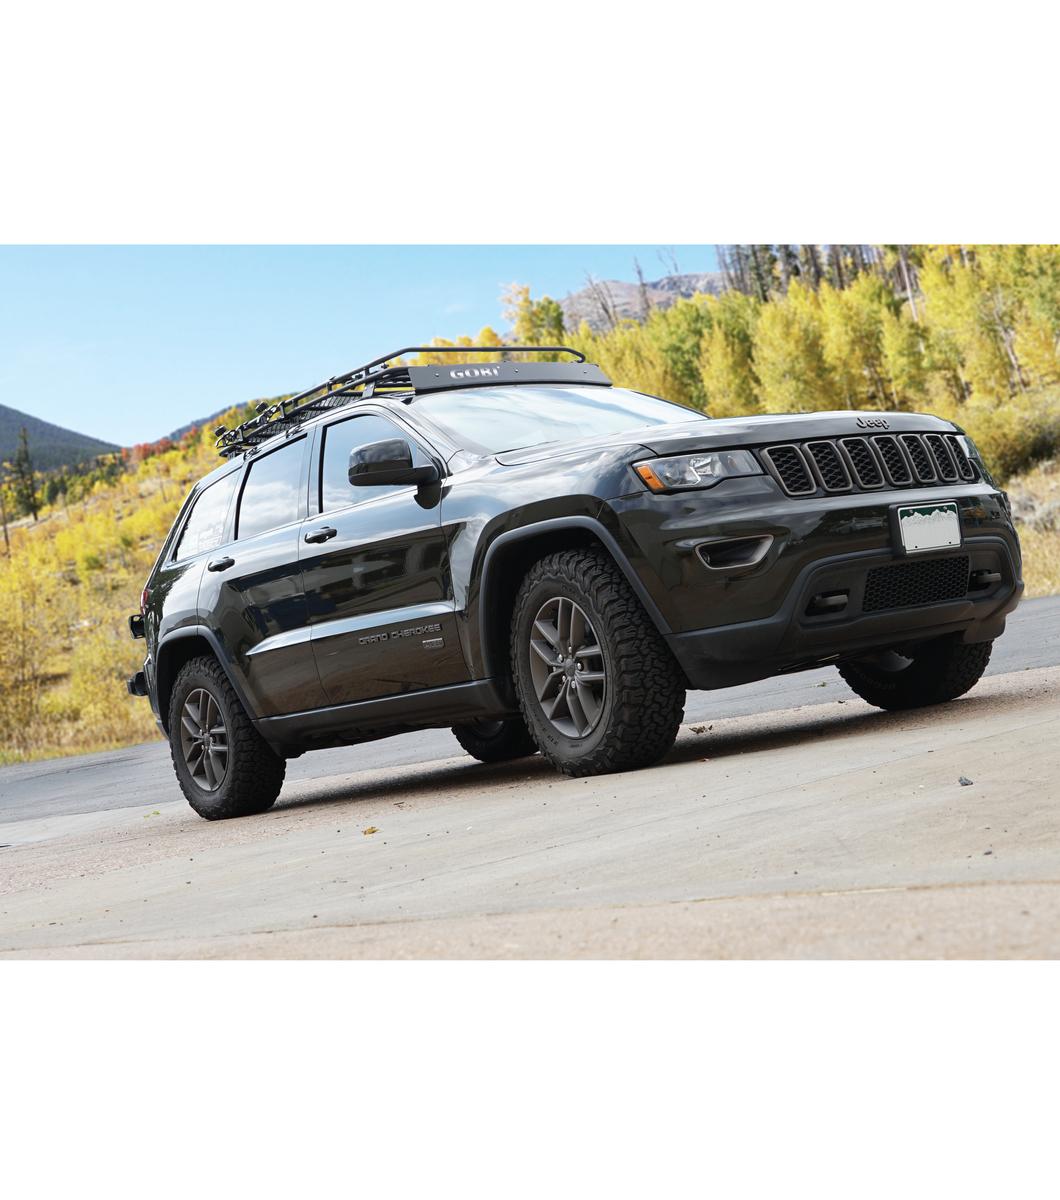 Jeep Grand Cherokee Wk2 Gobi Racks